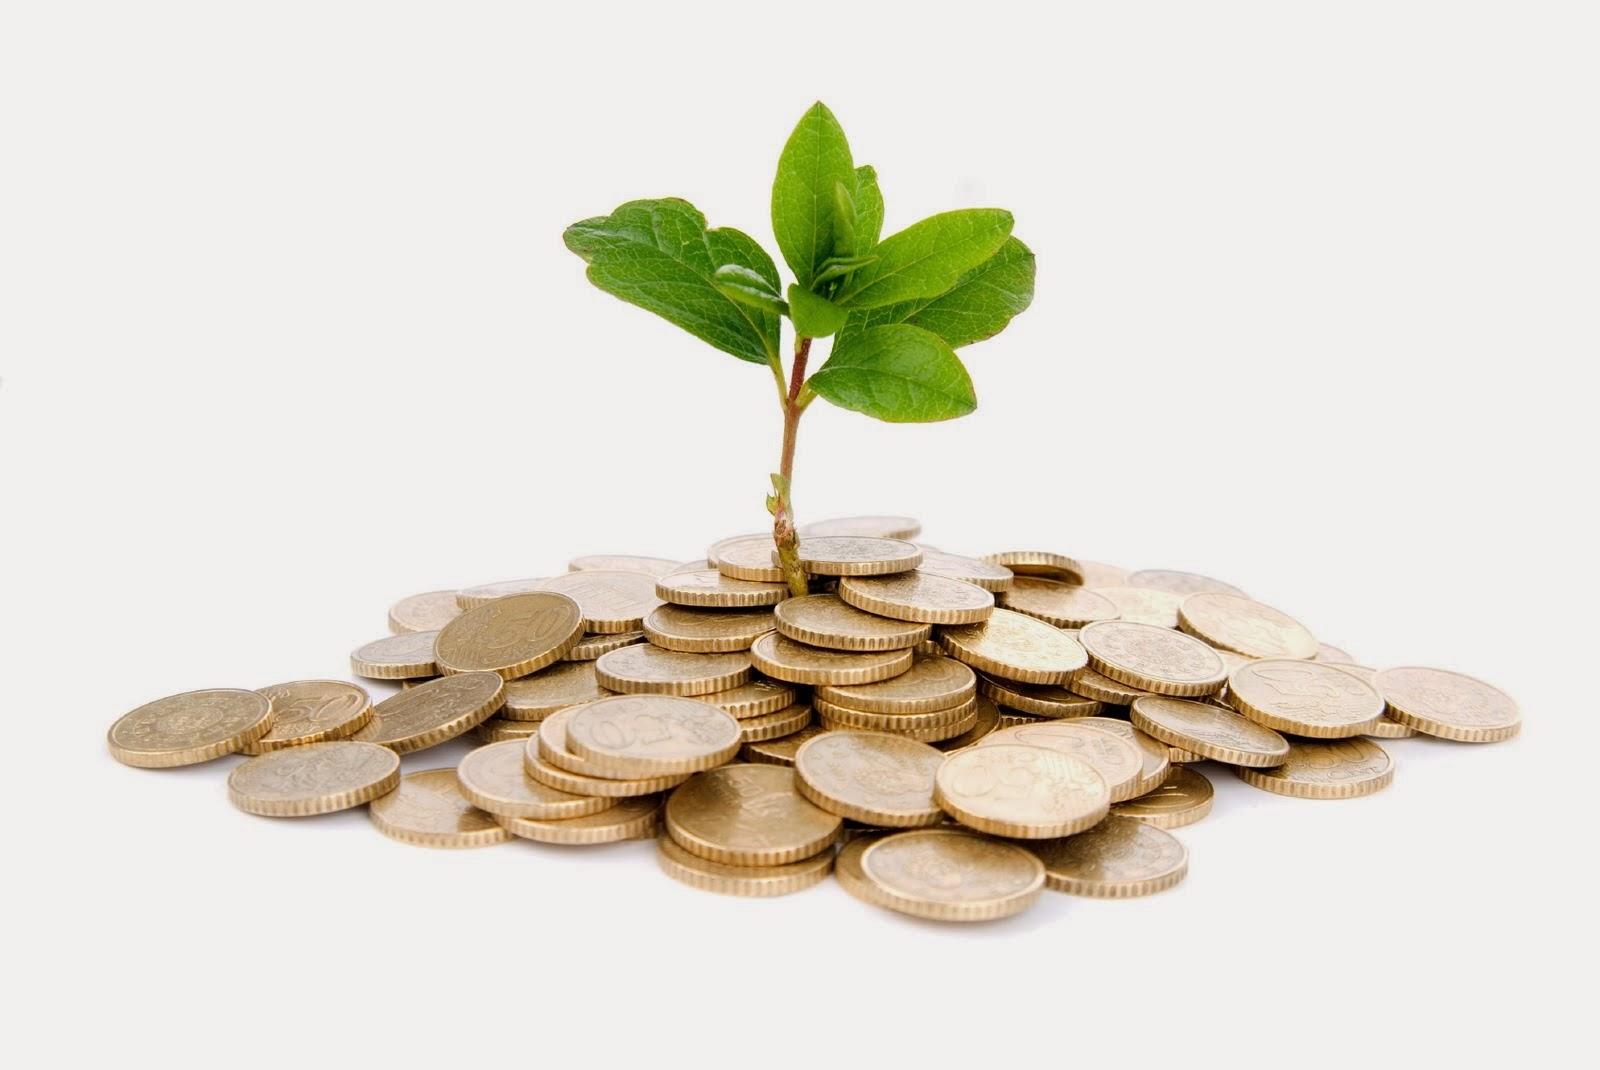 Chiến lược phát triển kinh tế - xã hội là gì? Đặc trưng cơ bản - Ảnh 1.